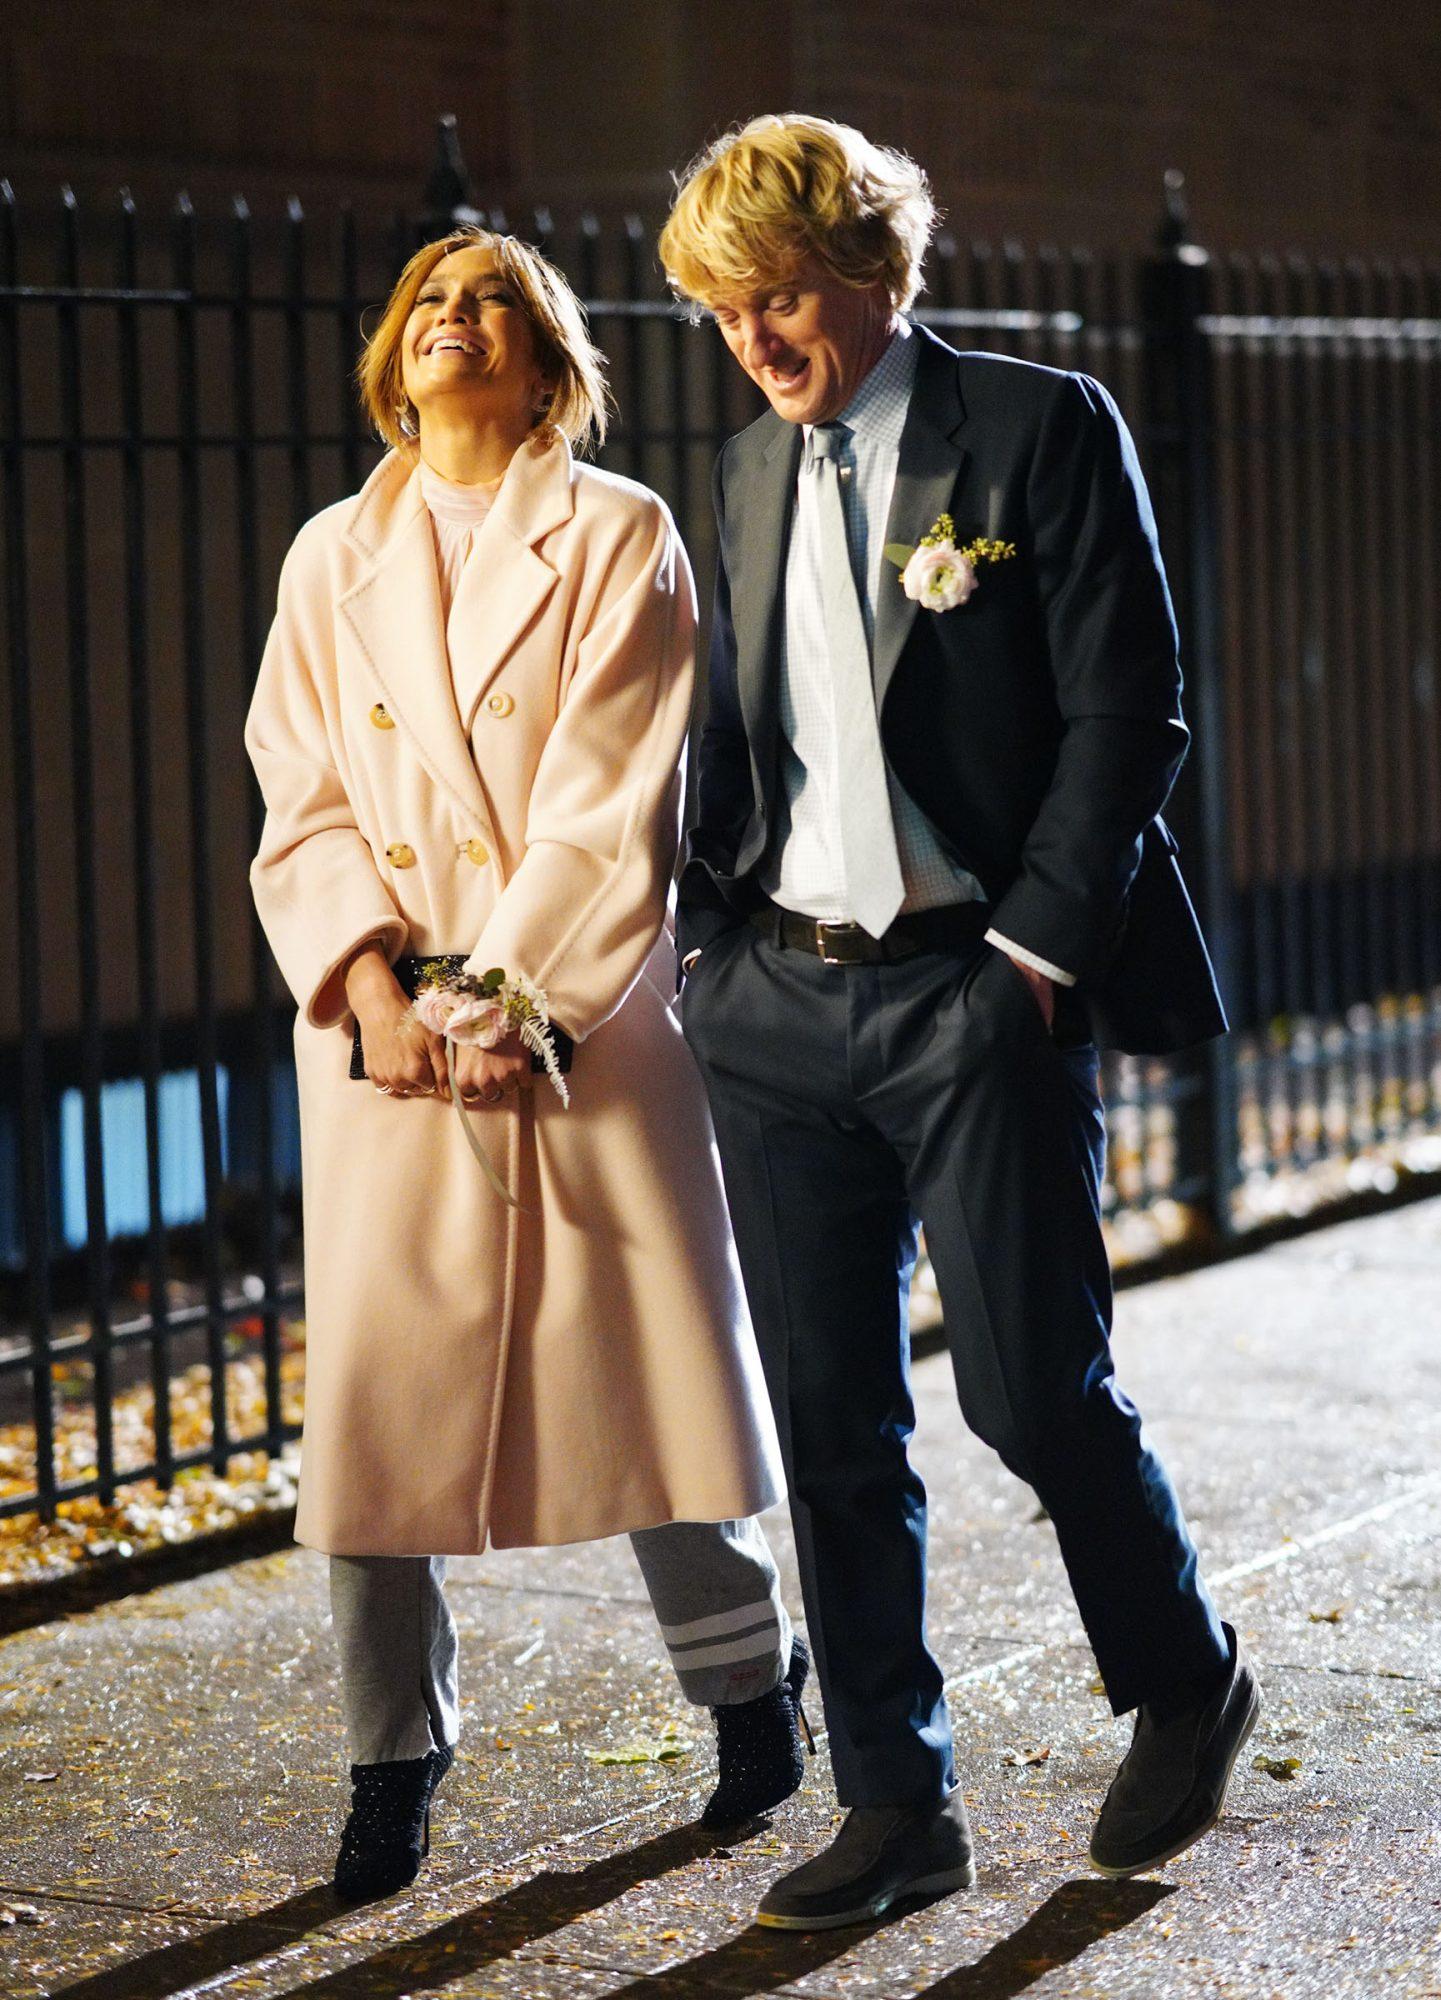 Owen Wilson and Jennifer Lopez